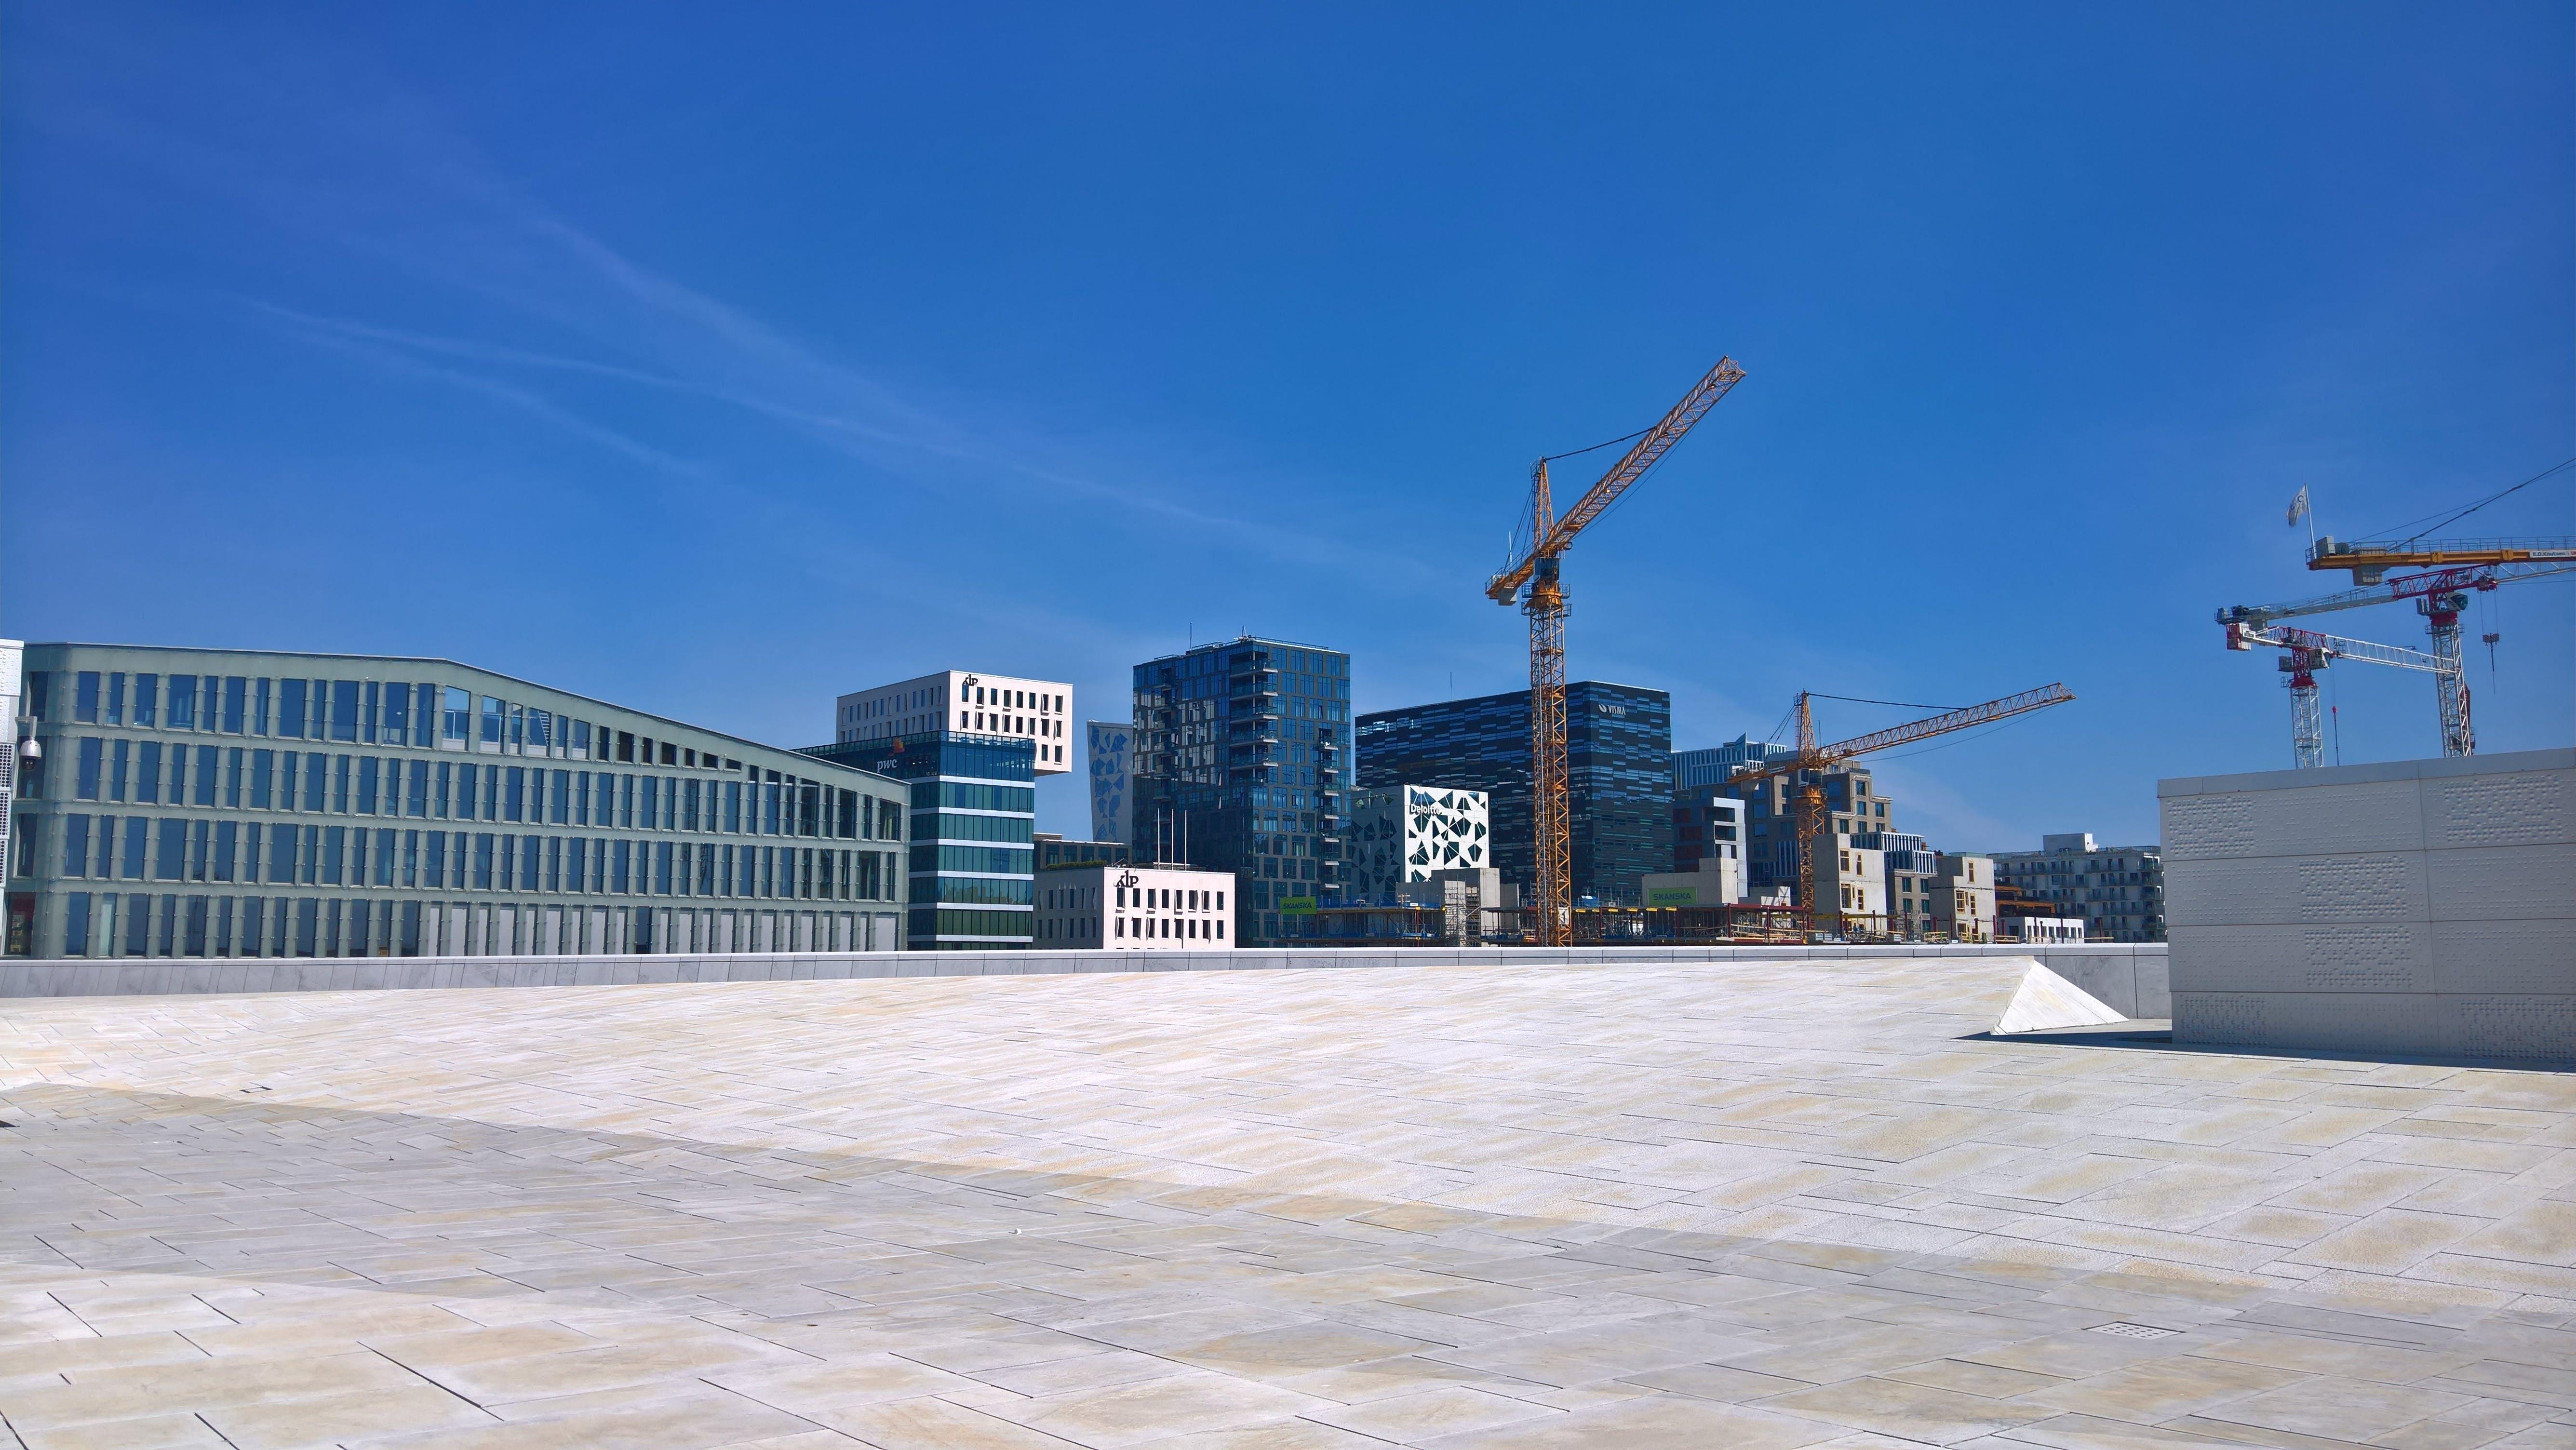 건축, 건축의, 도시, 블루의 무료 스톡 사진